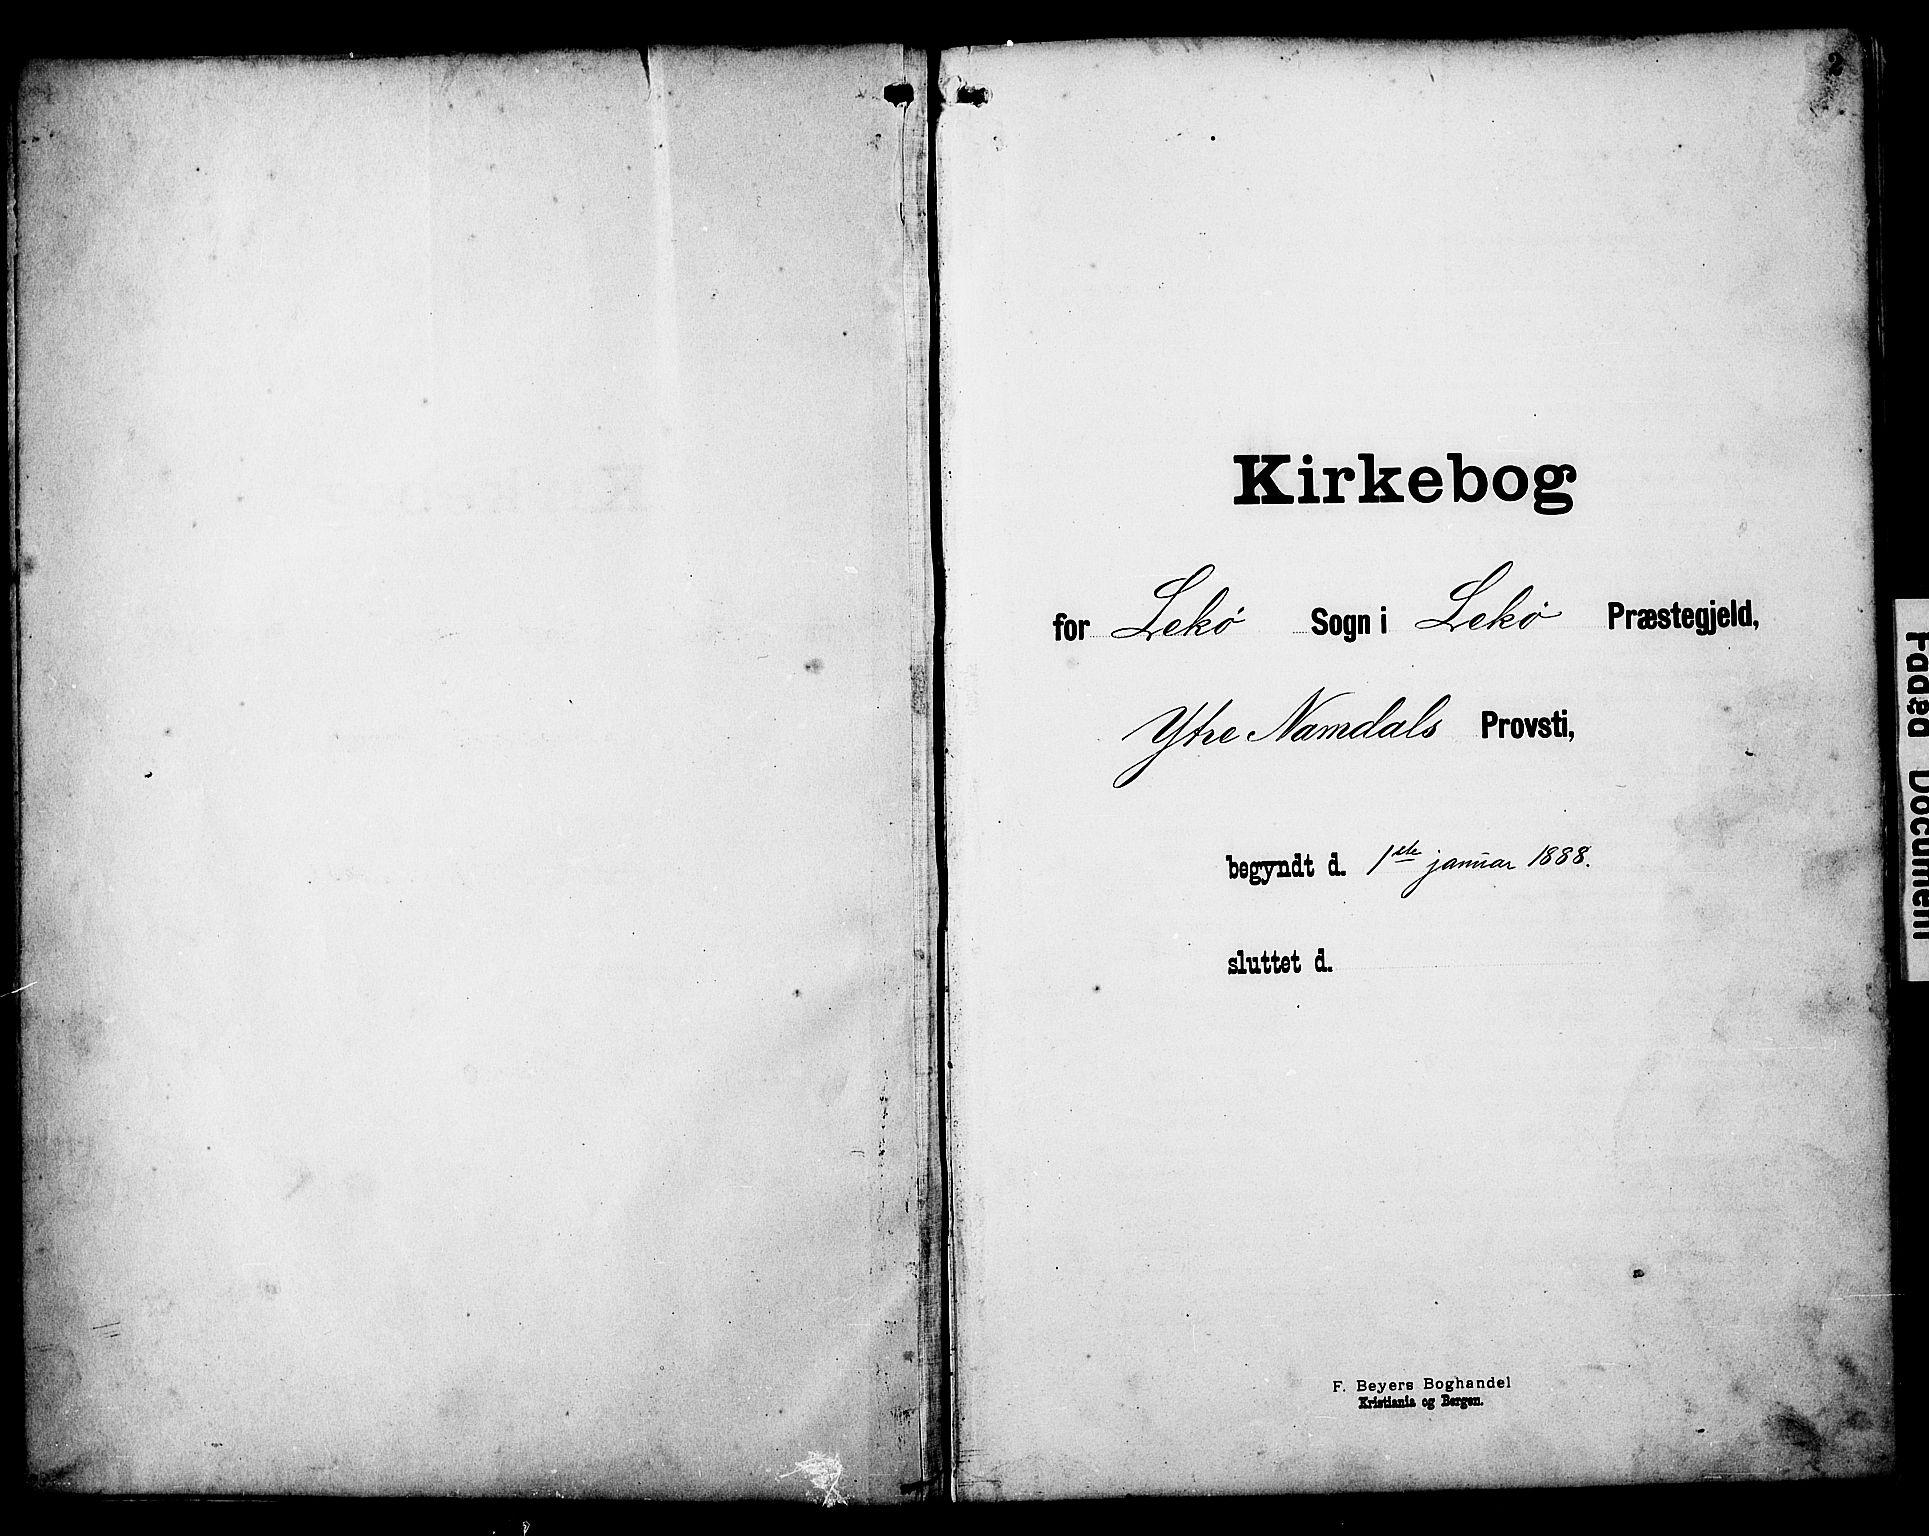 SAT, Ministerialprotokoller, klokkerbøker og fødselsregistre - Nord-Trøndelag, 788/L0701: Klokkerbok nr. 788C01, 1888-1913, s. 2